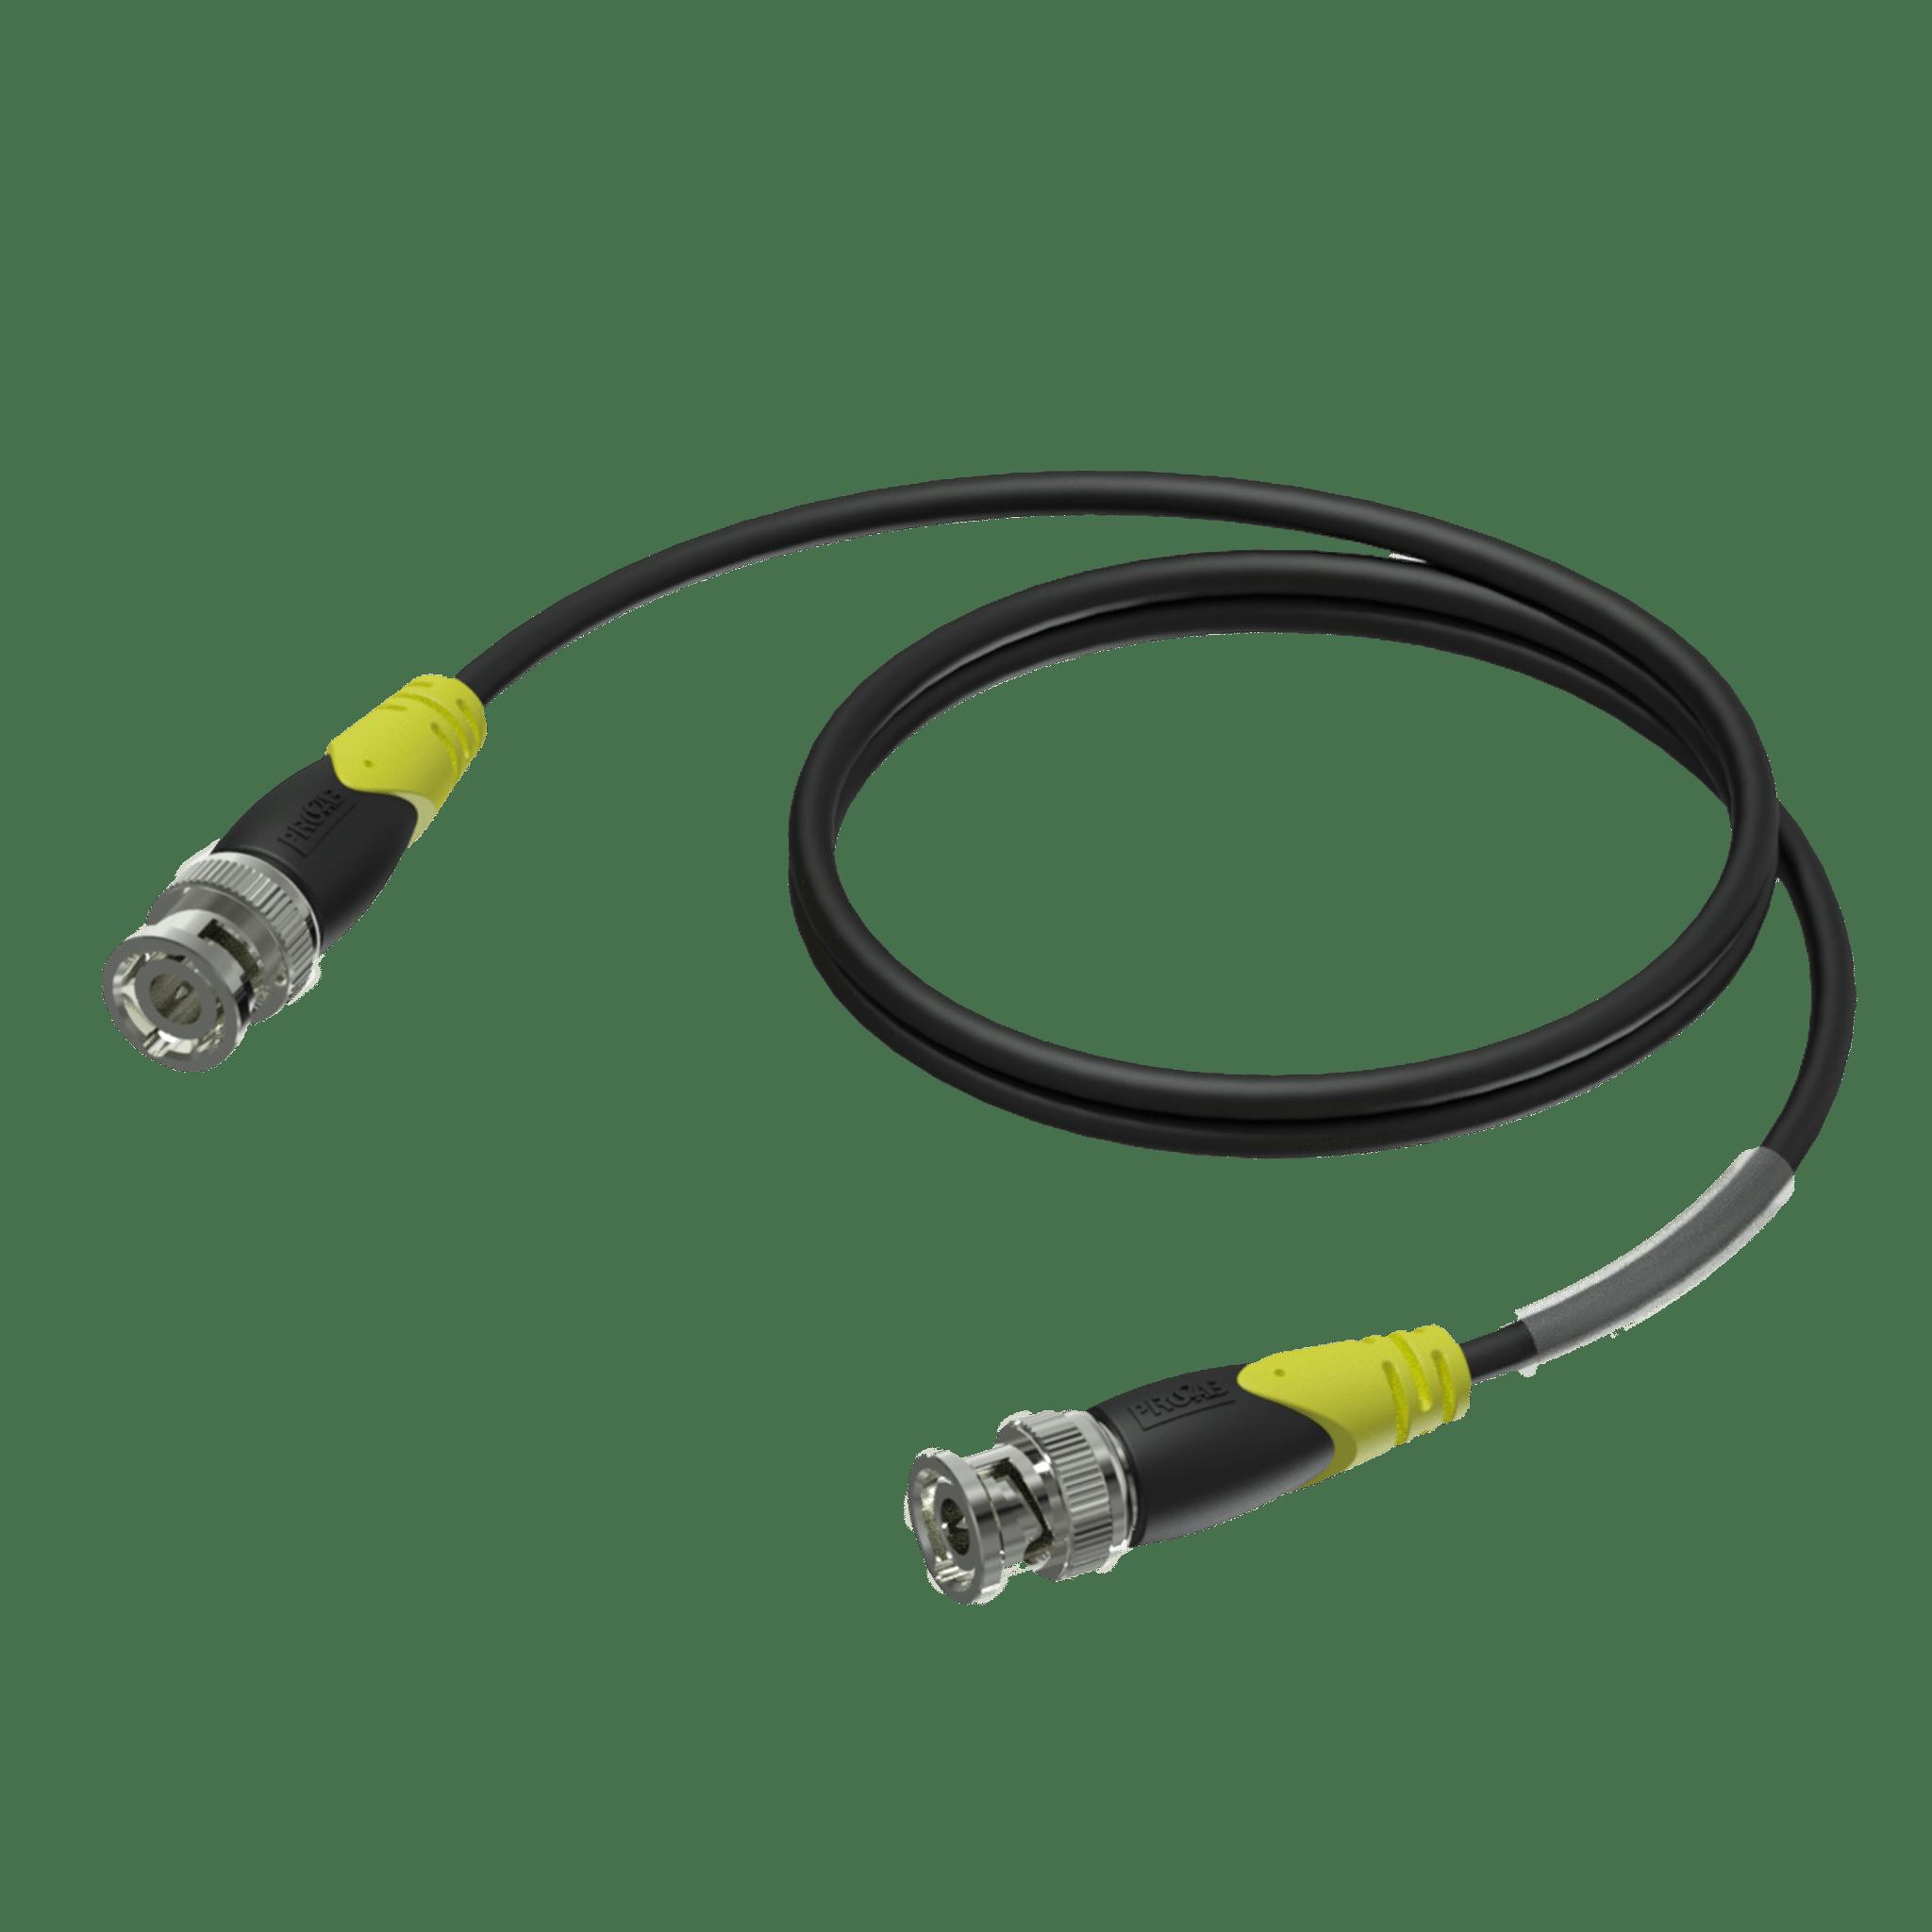 CLV158 - SD-SDI cable - BNC male - BNC male